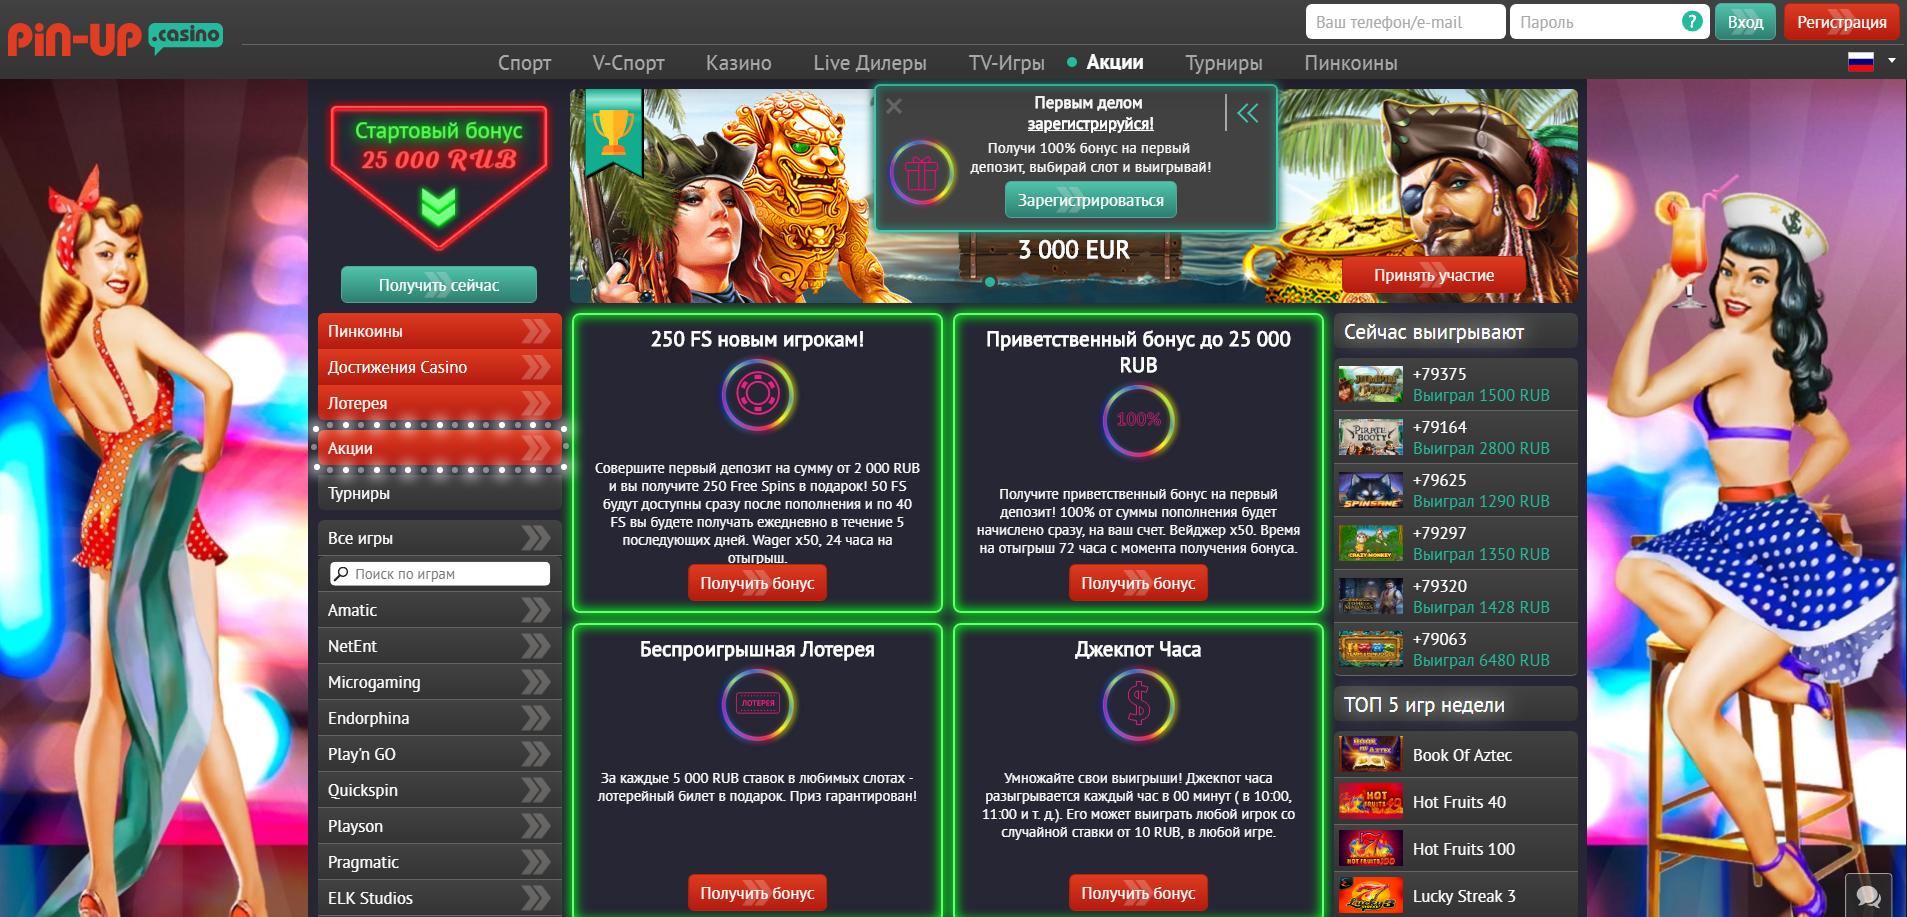 как выиграть в казино пин ап